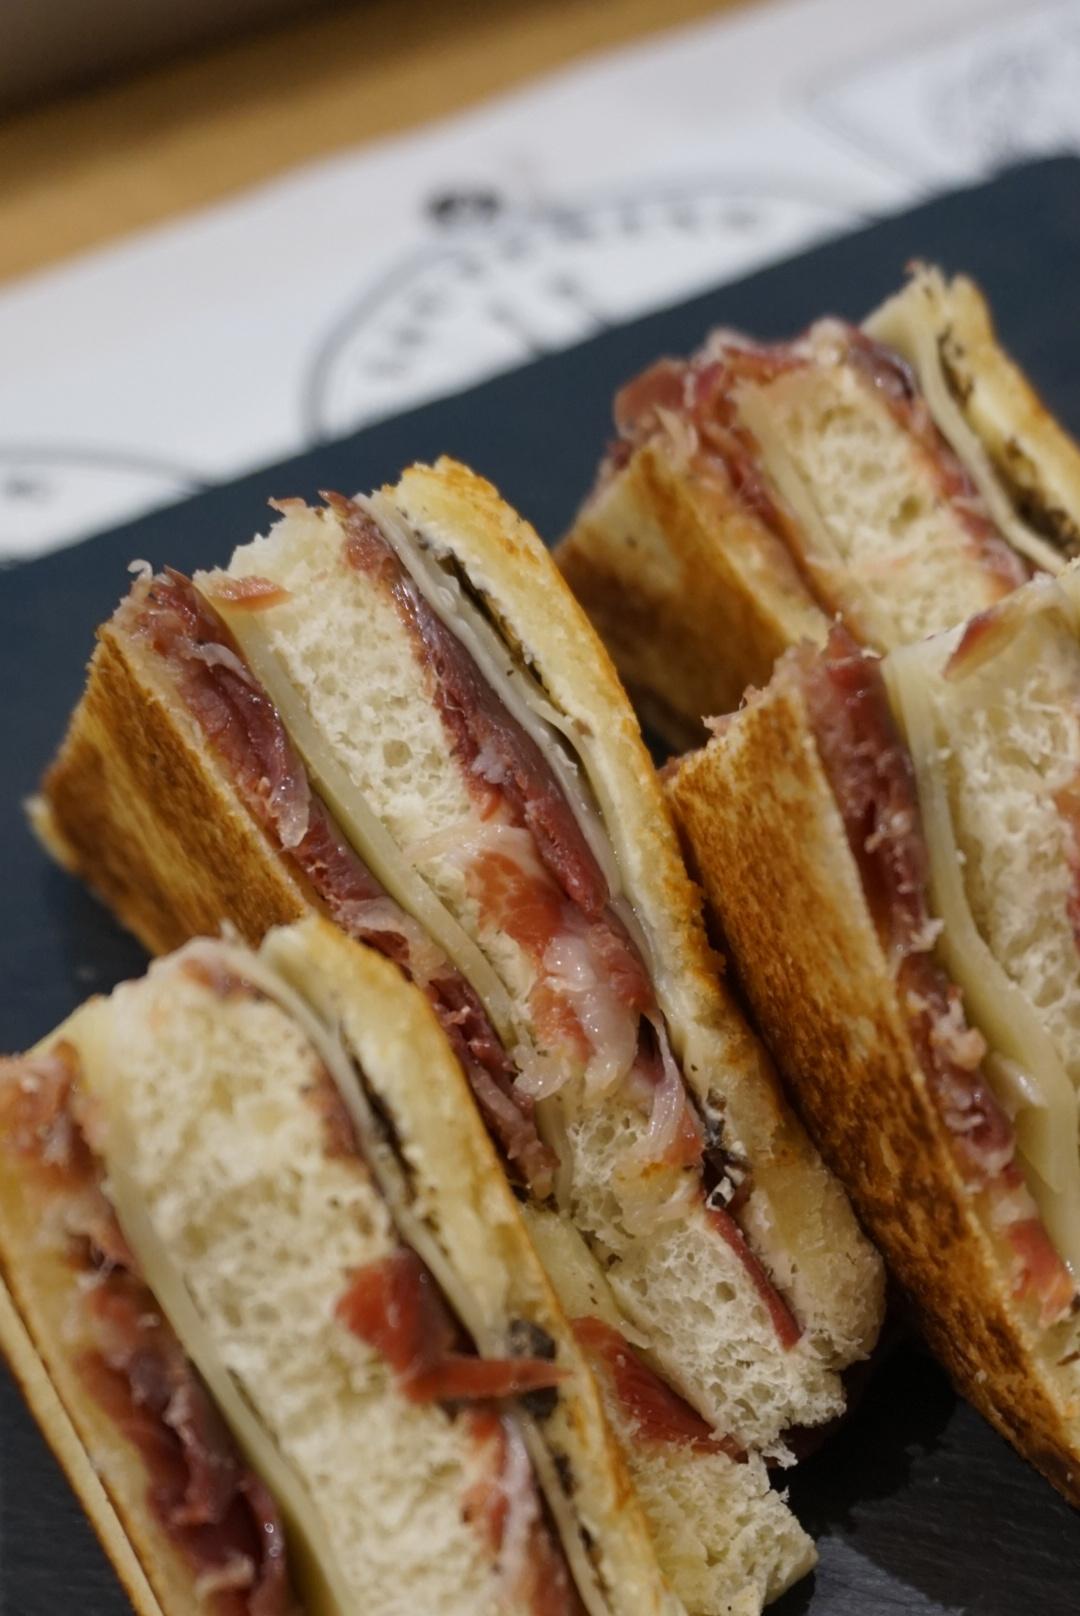 Bikini sandwiches at Beerlinale, Barcelona